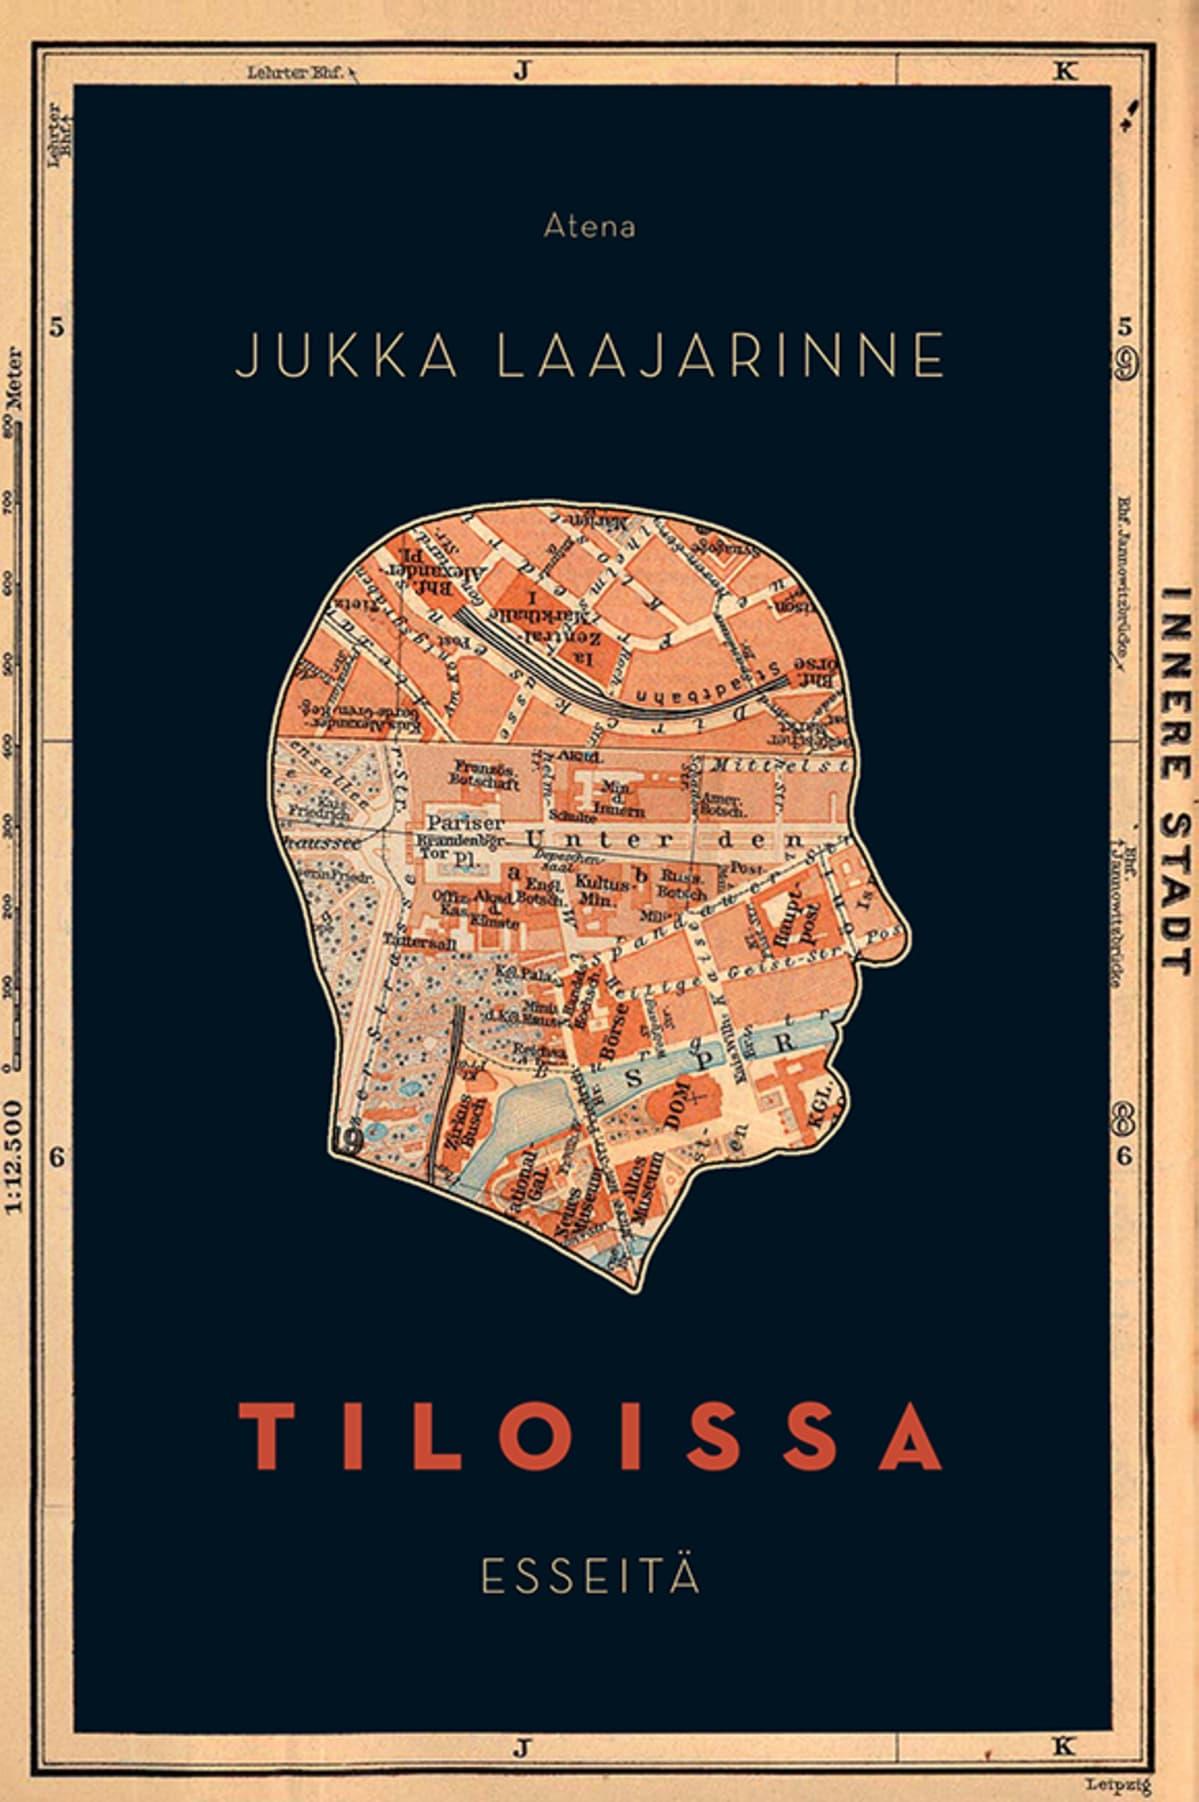 Jukka Laajarinne: Tiloissa-kirjan kansi